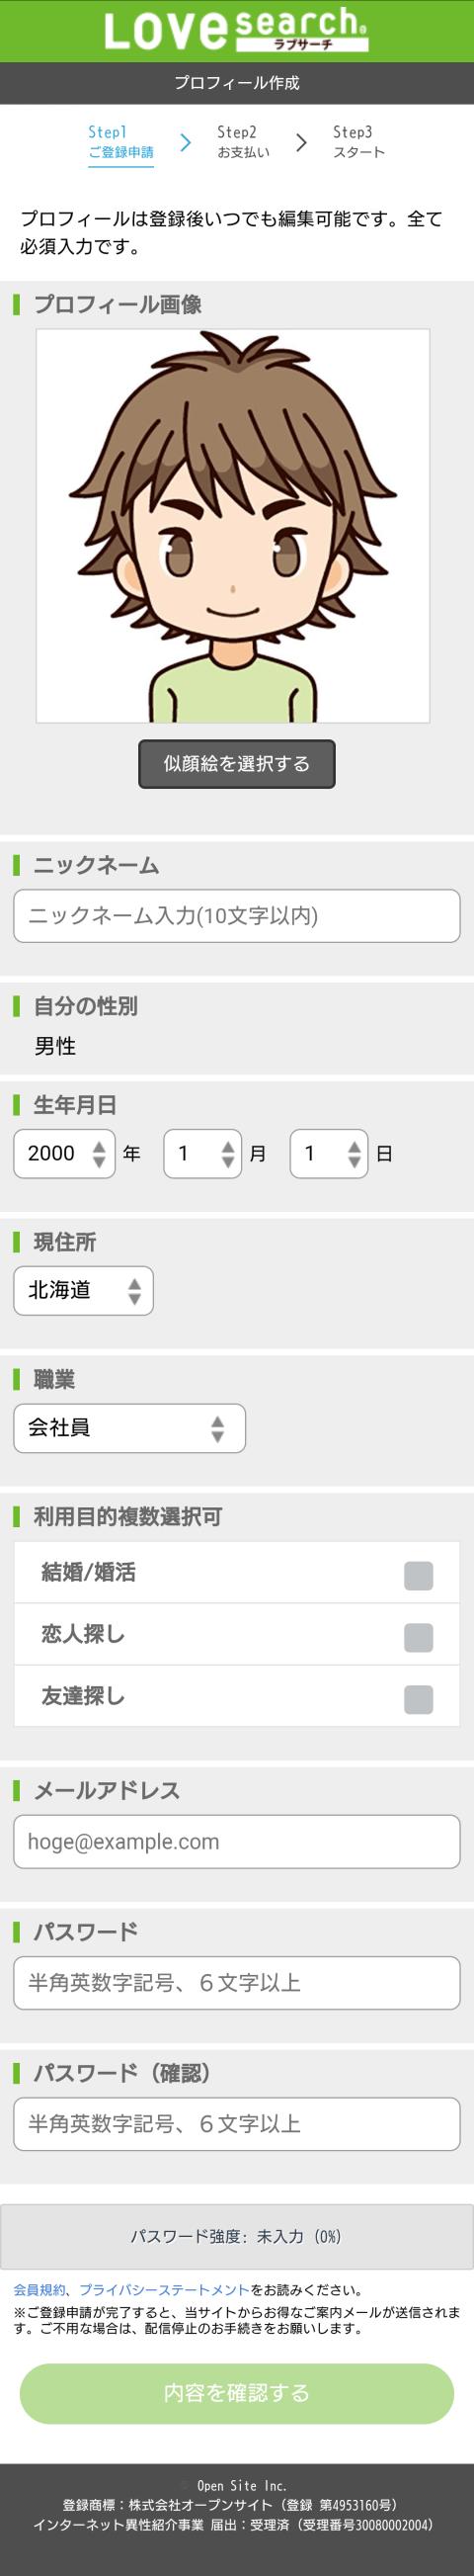 簡易登録項目